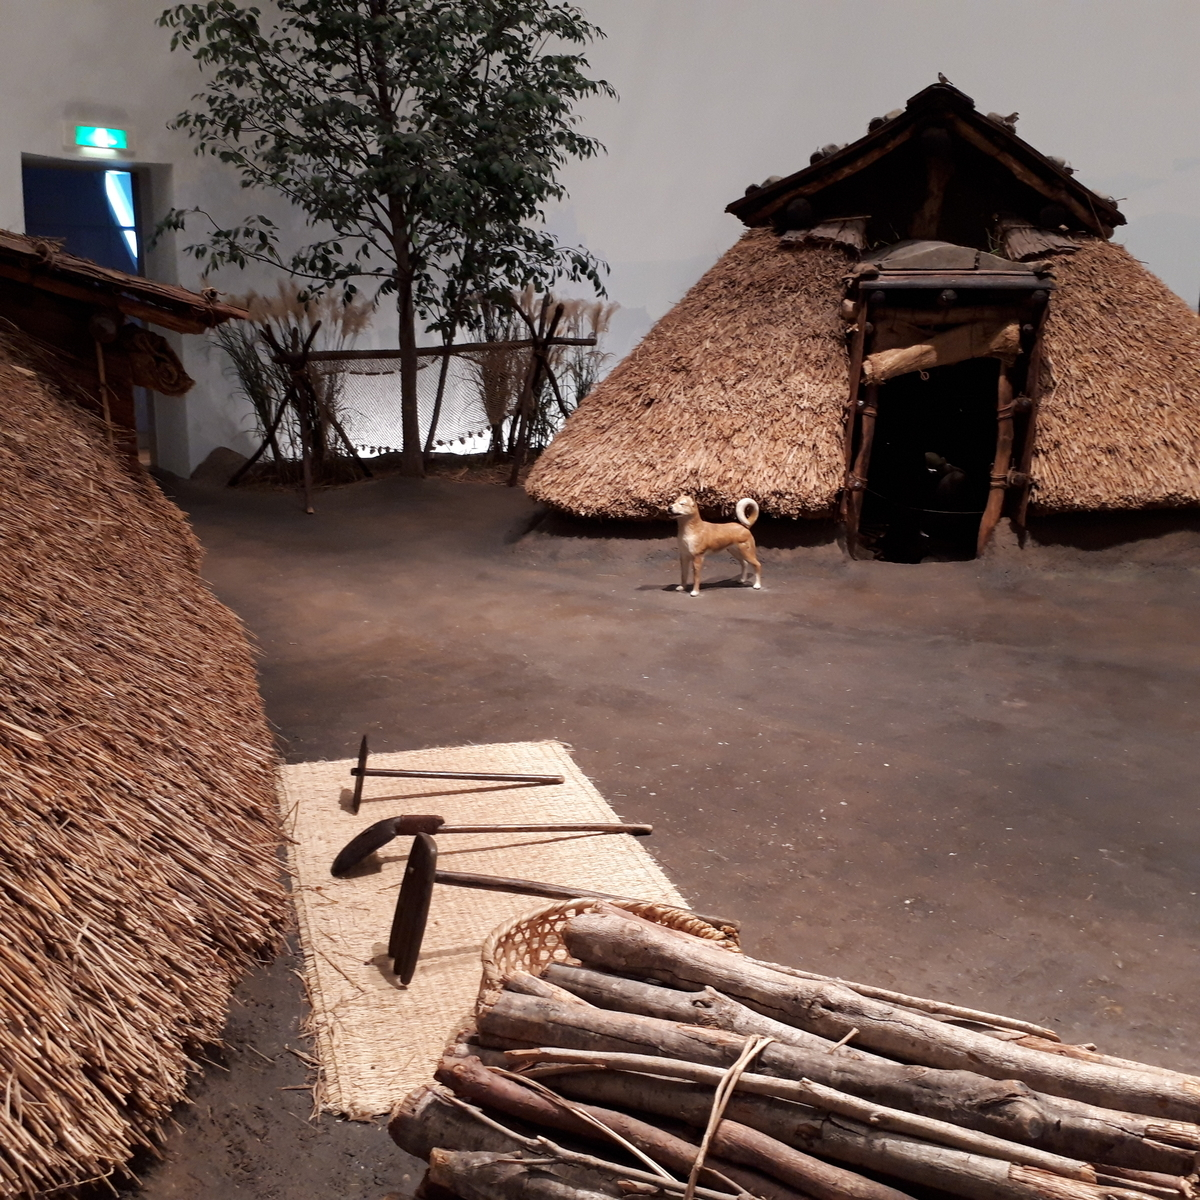 指宿市考古博物館 時遊館 Cocco はしむれ 1500年前の古墳時代のムラを再現